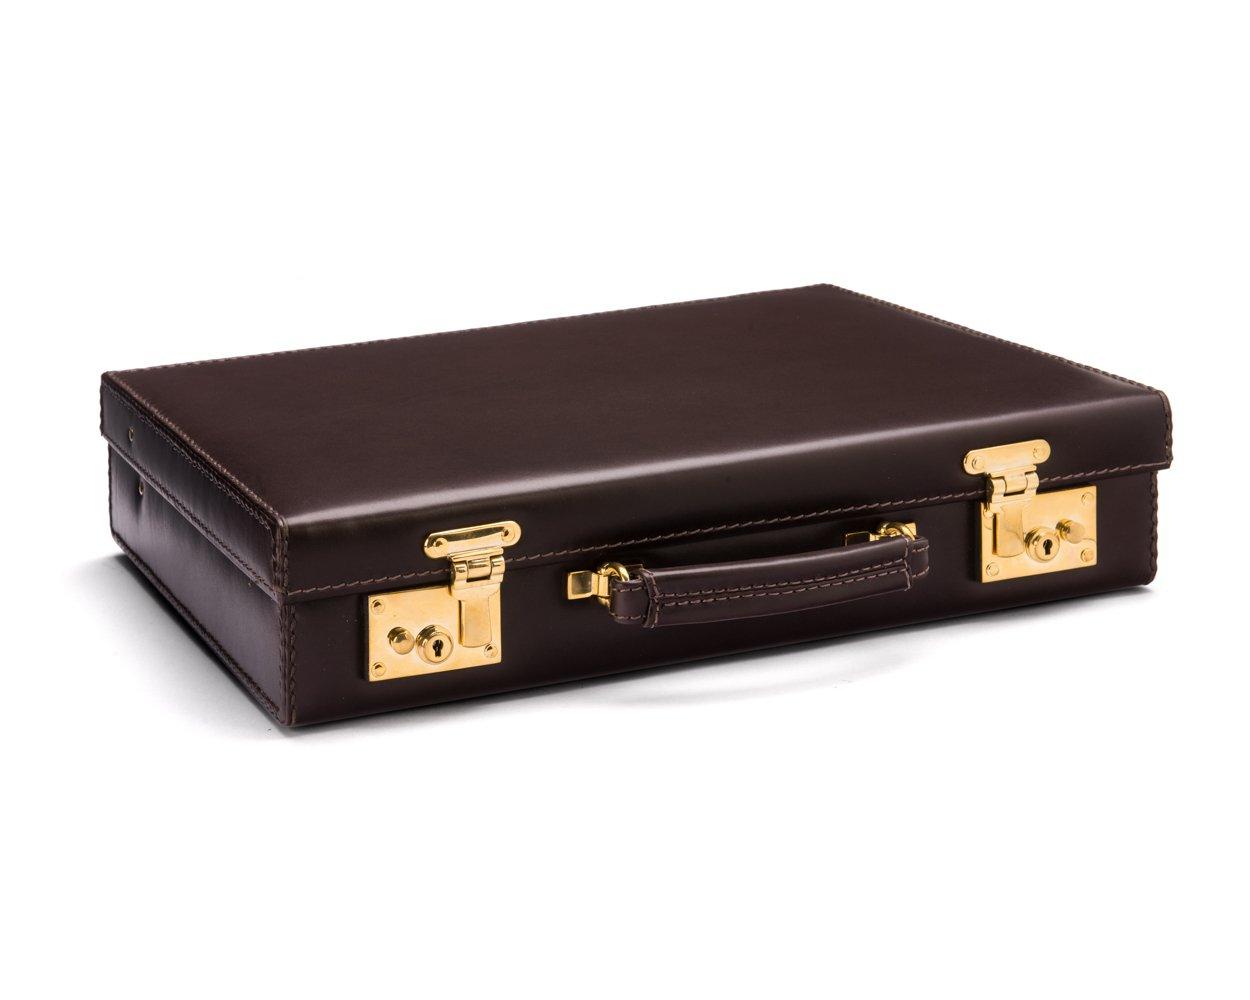 SAGEBROWN Brown Calf Kensington Attache Case, Brass Locks